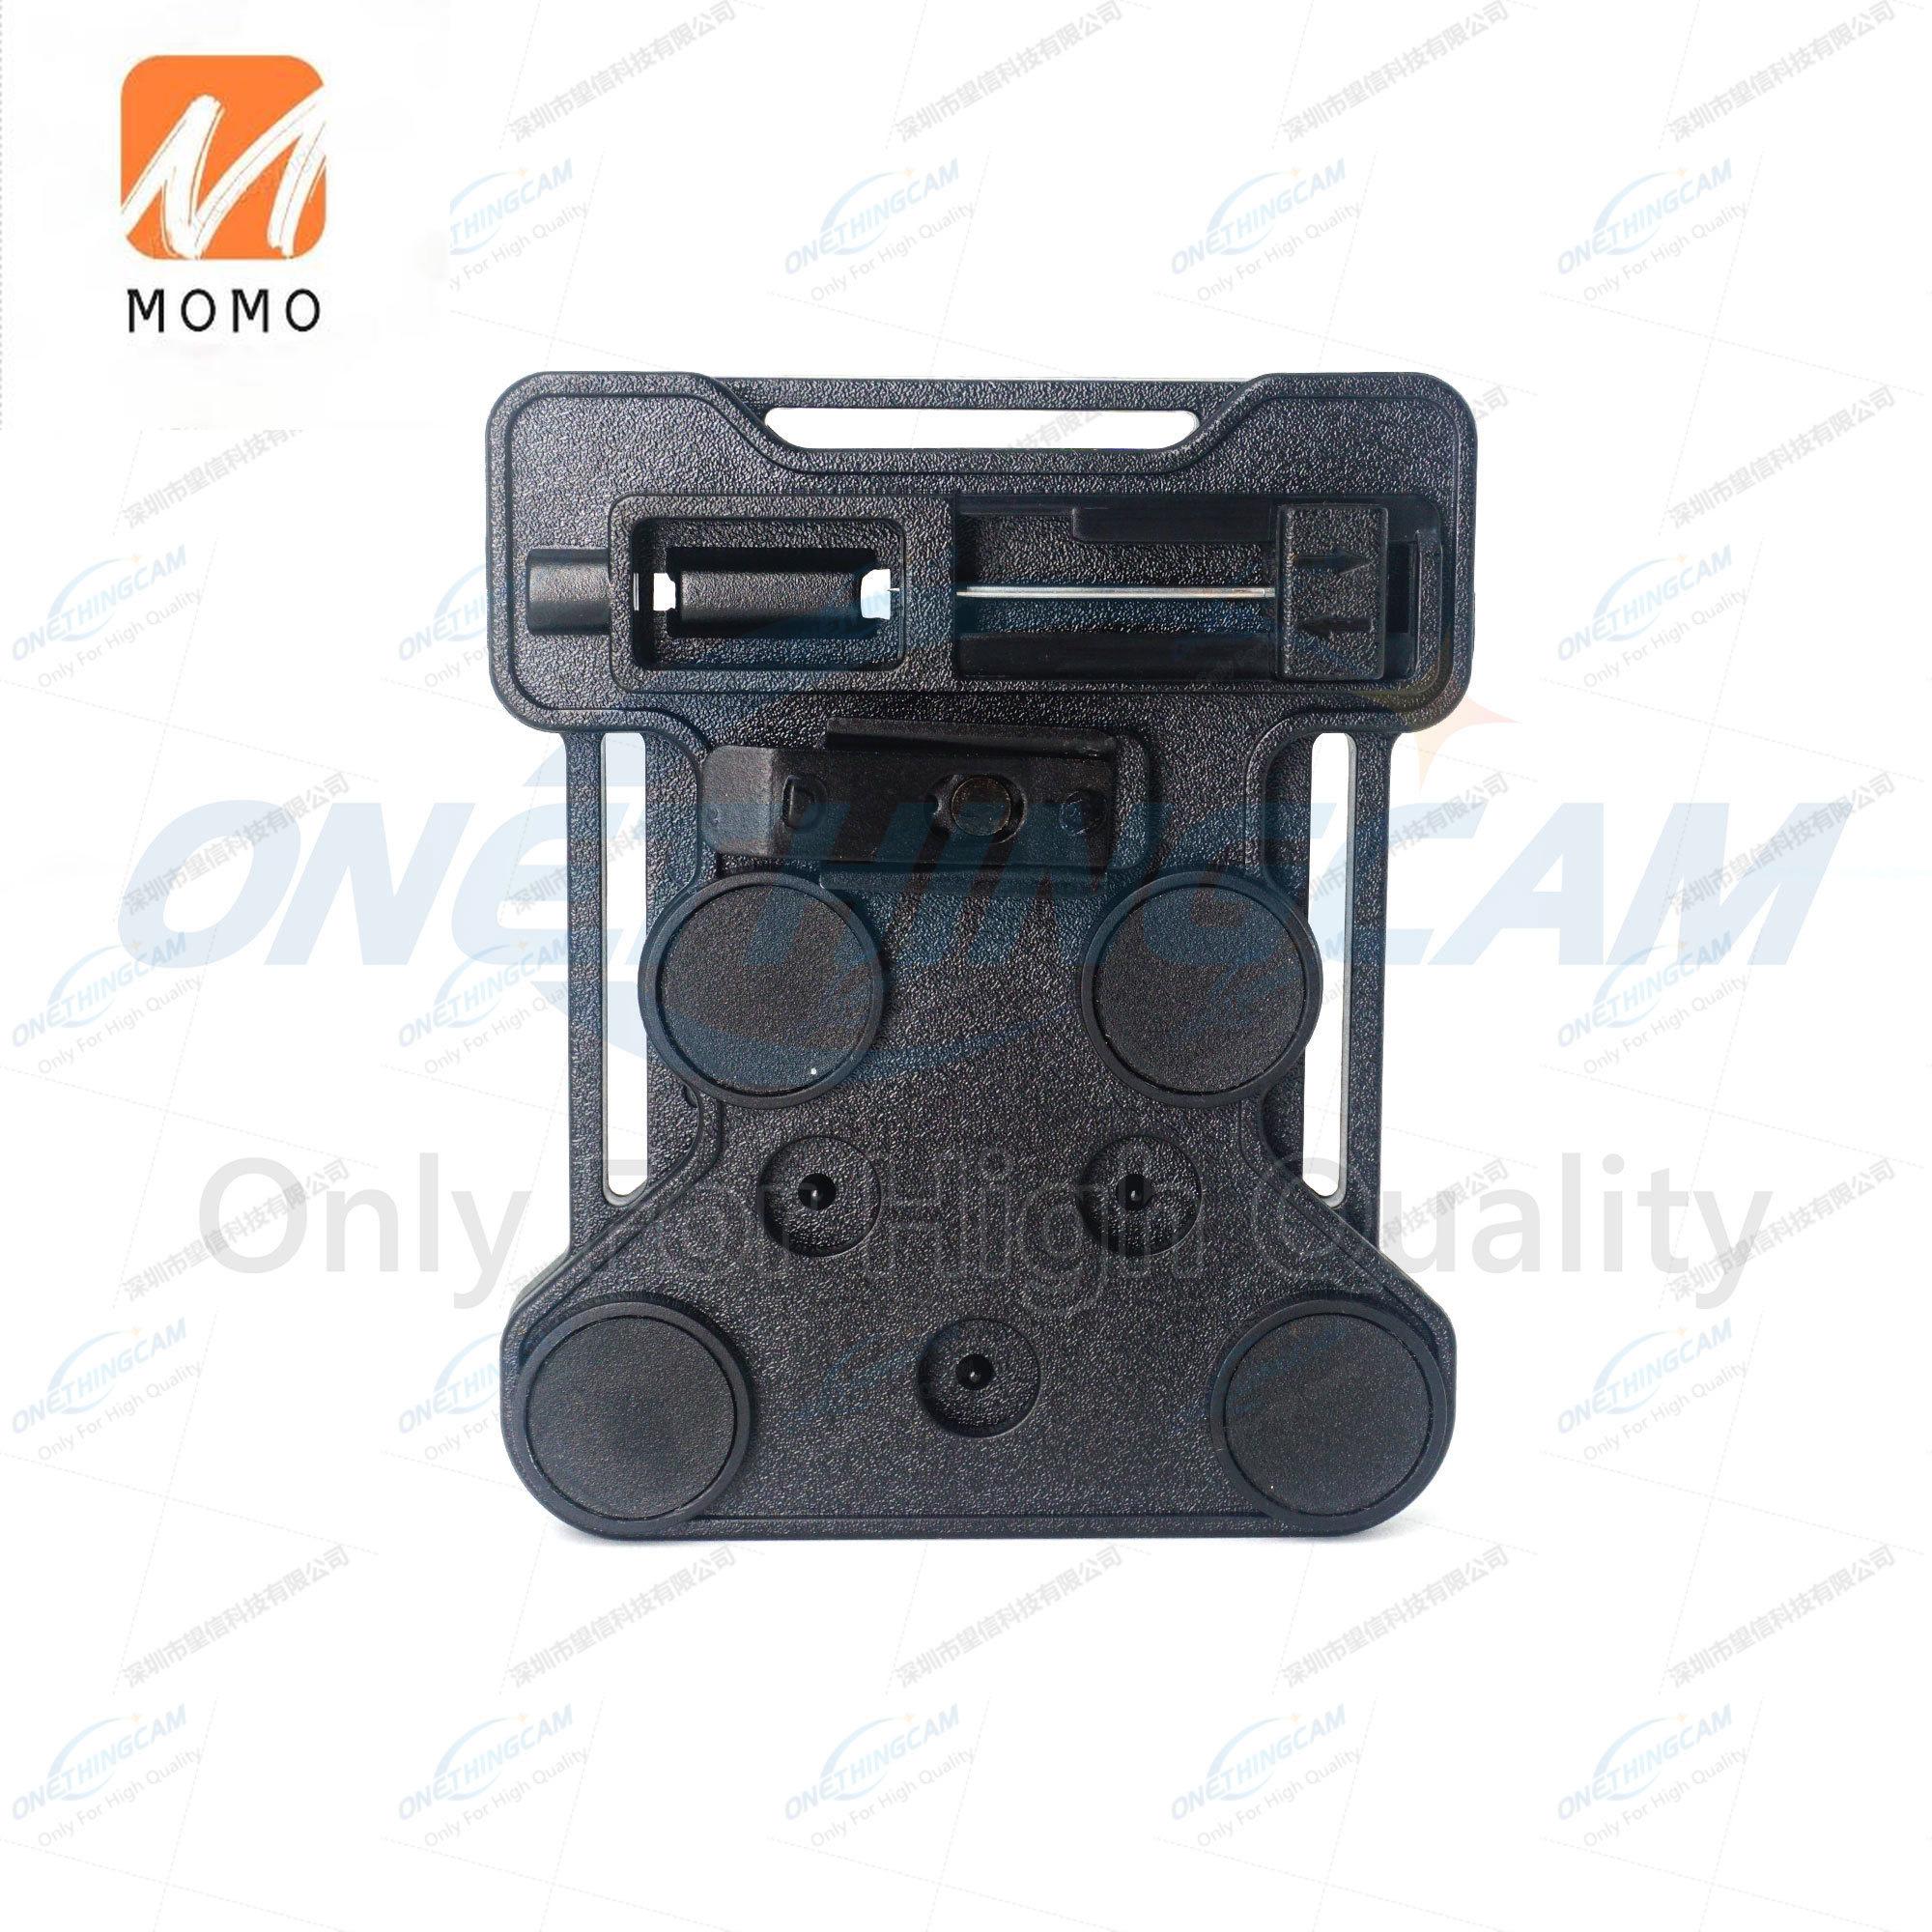 Магнитный зажим для корпуса камеры C310